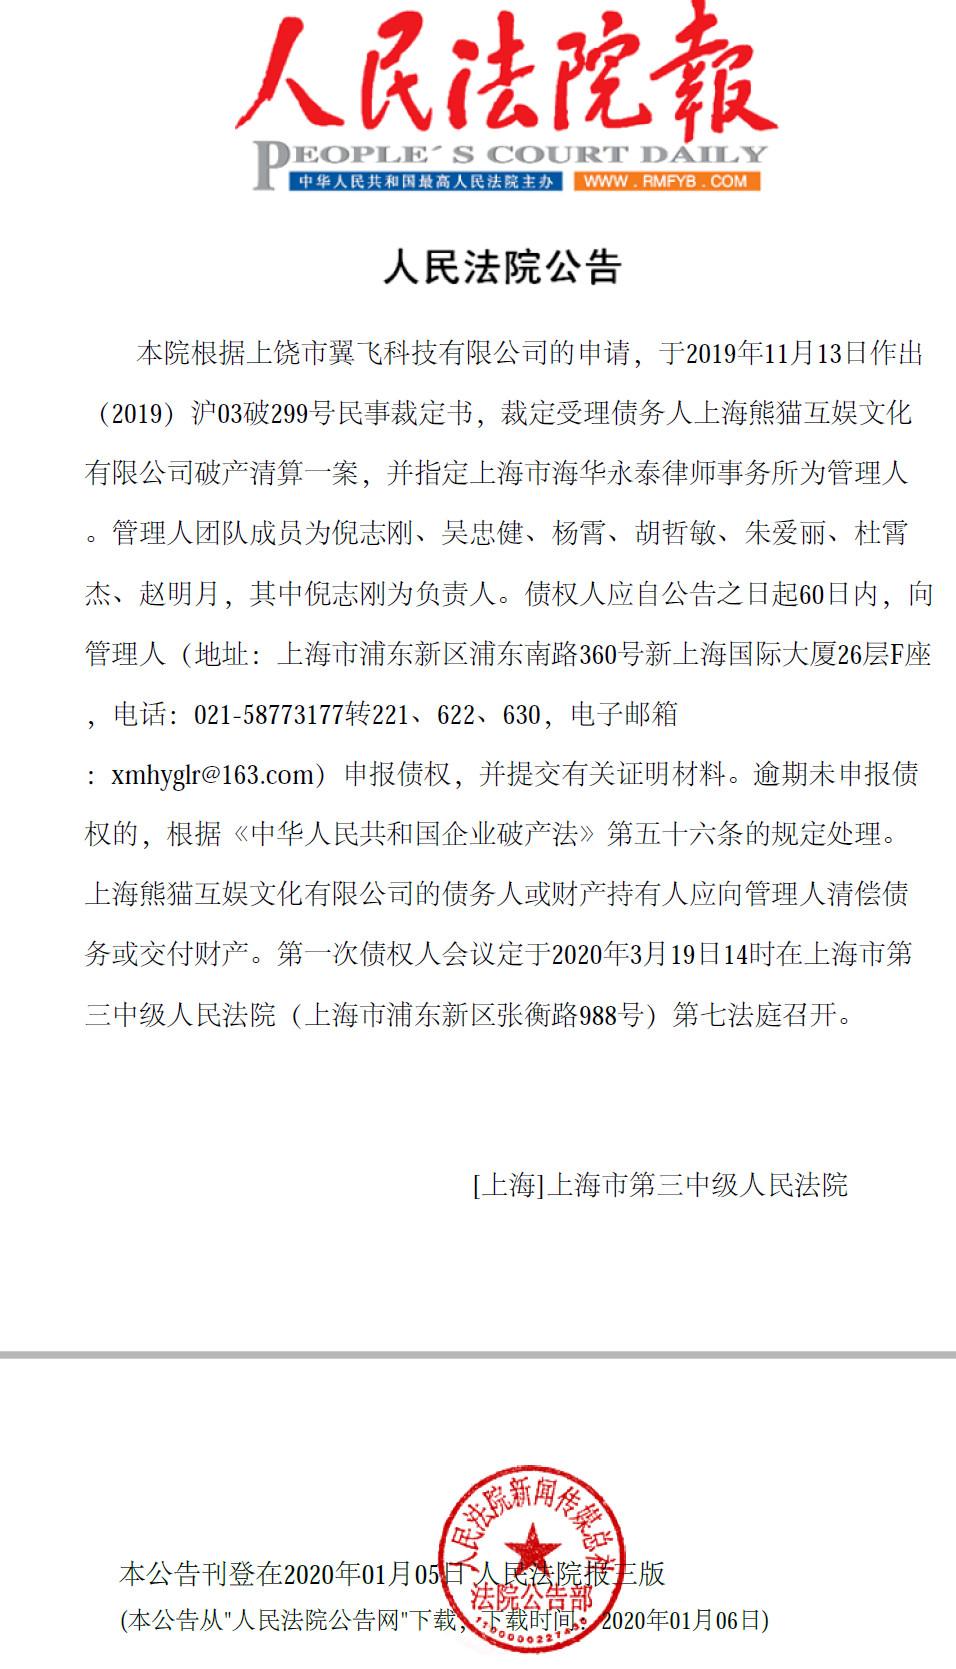 海关总署谈2019年进出口:民企外贸表现突出(全文)